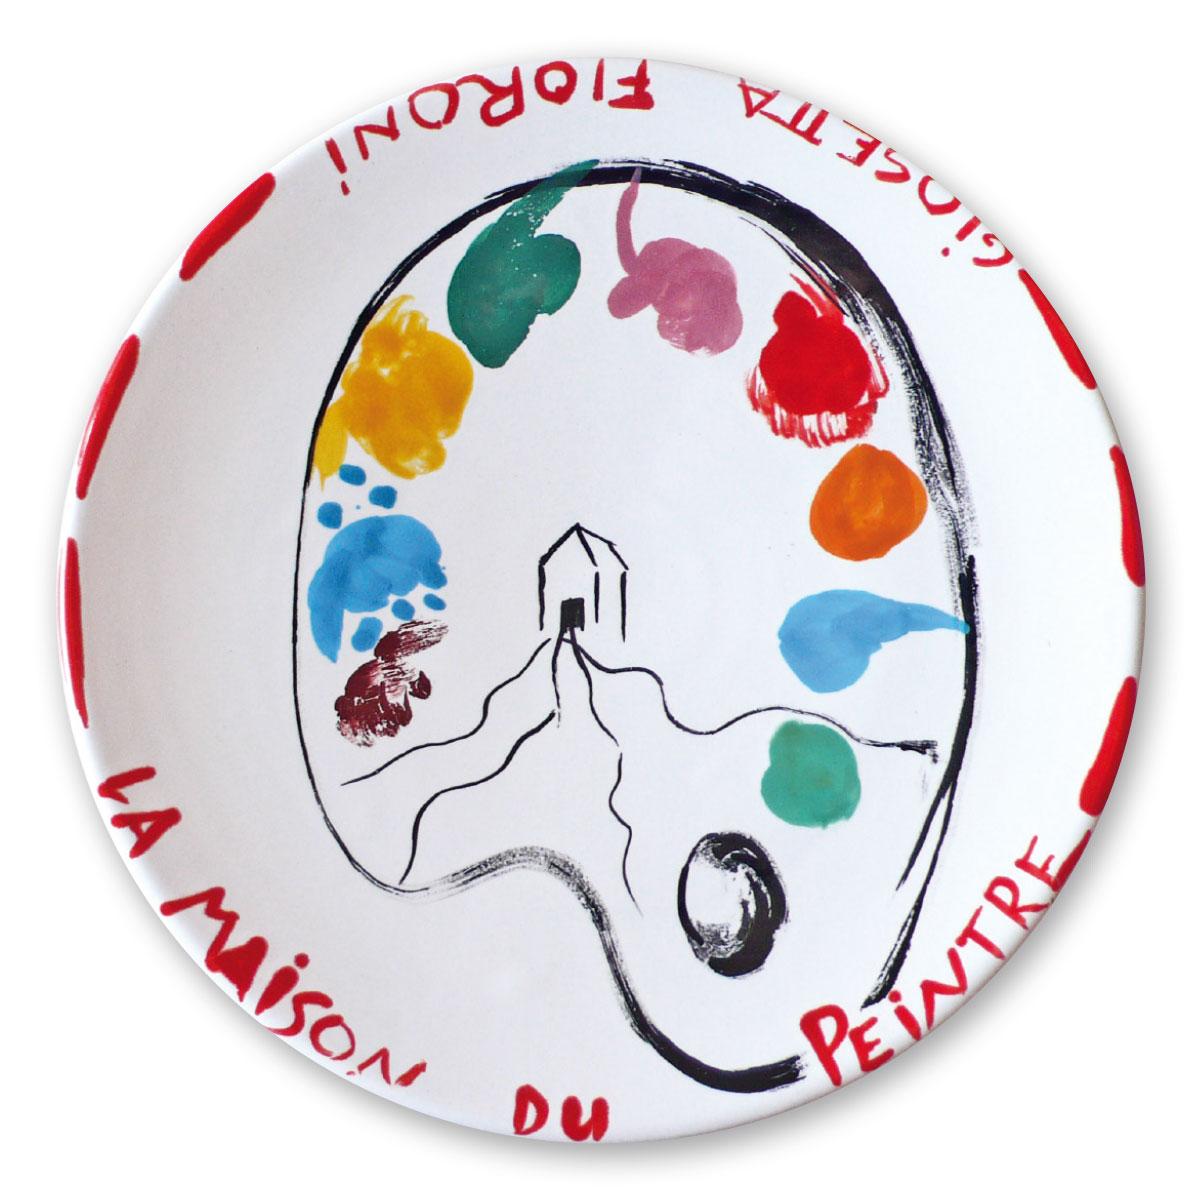 L'opera dell'artista Giosetta Fioroni acquisita dal Museo a cielo aperto di Denice, dedicato alla ceramica contemporanea